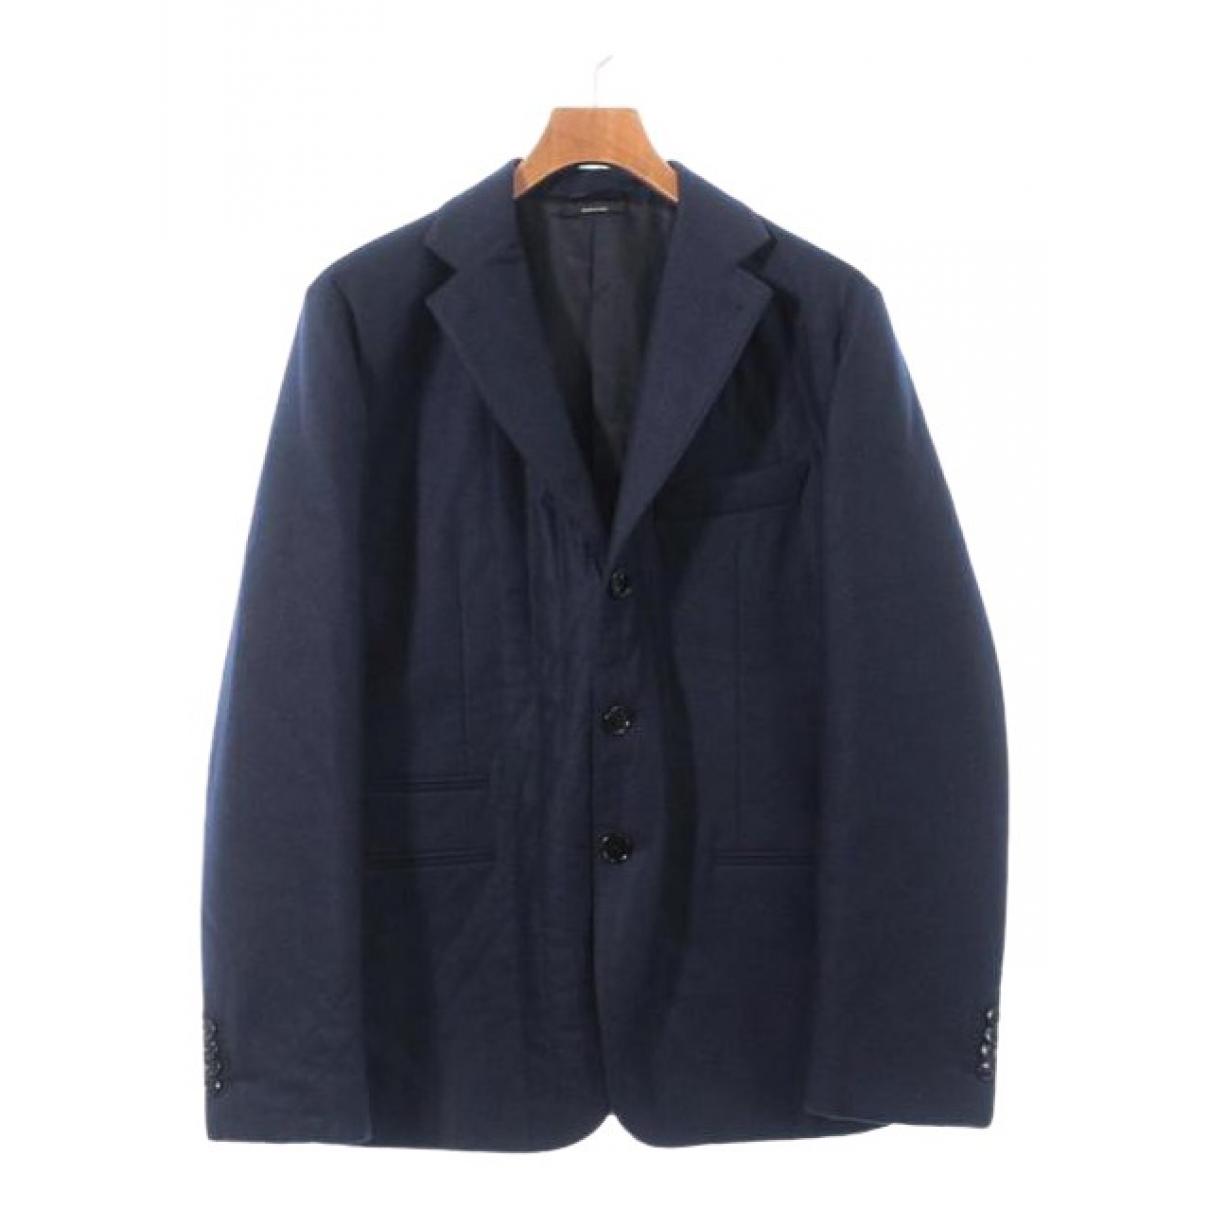 Hermes \N Jacke in  Blau Wolle